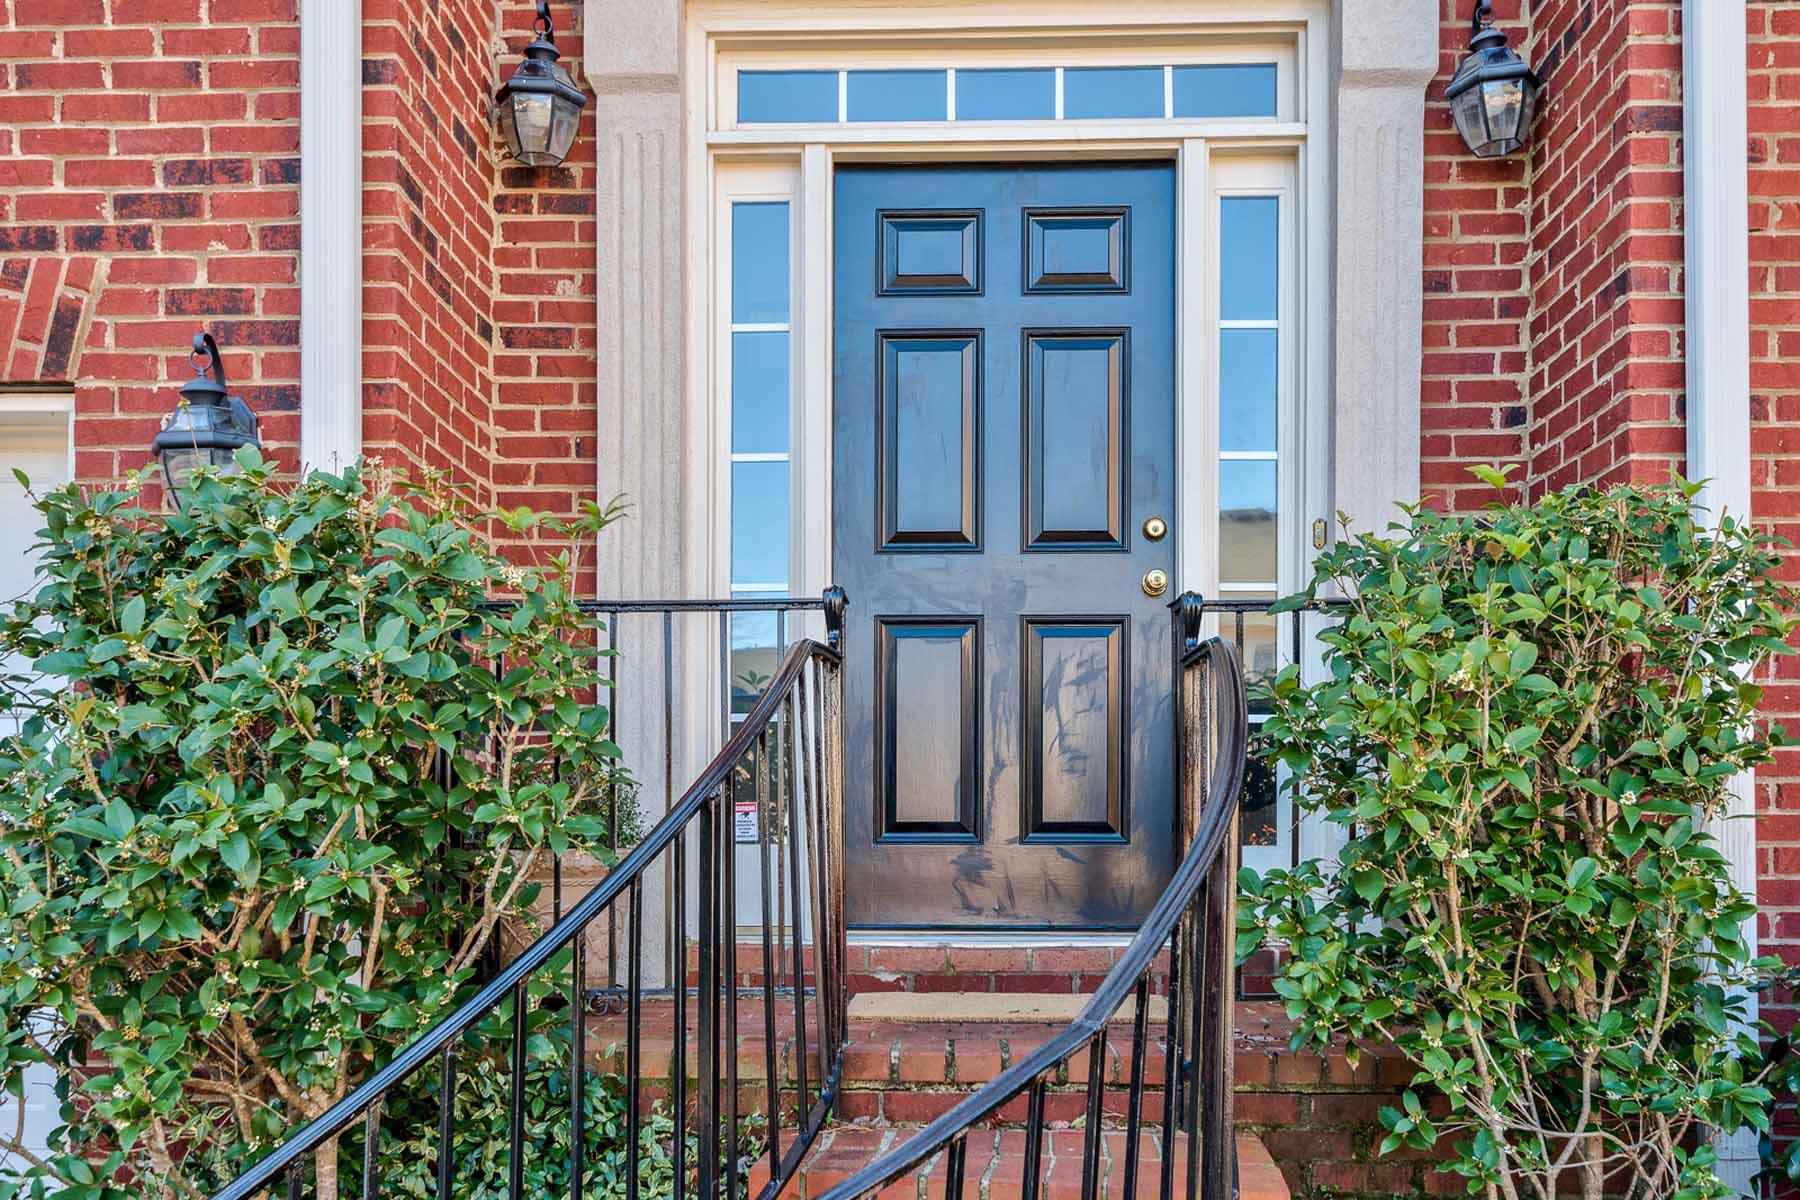 一戸建て のために 売買 アット Best value for Northlake area: cul-de-sac, square footage, convenient to 285/85 2429 Mill Ridge Walk Atlanta, ジョージア 30345 アメリカ合衆国